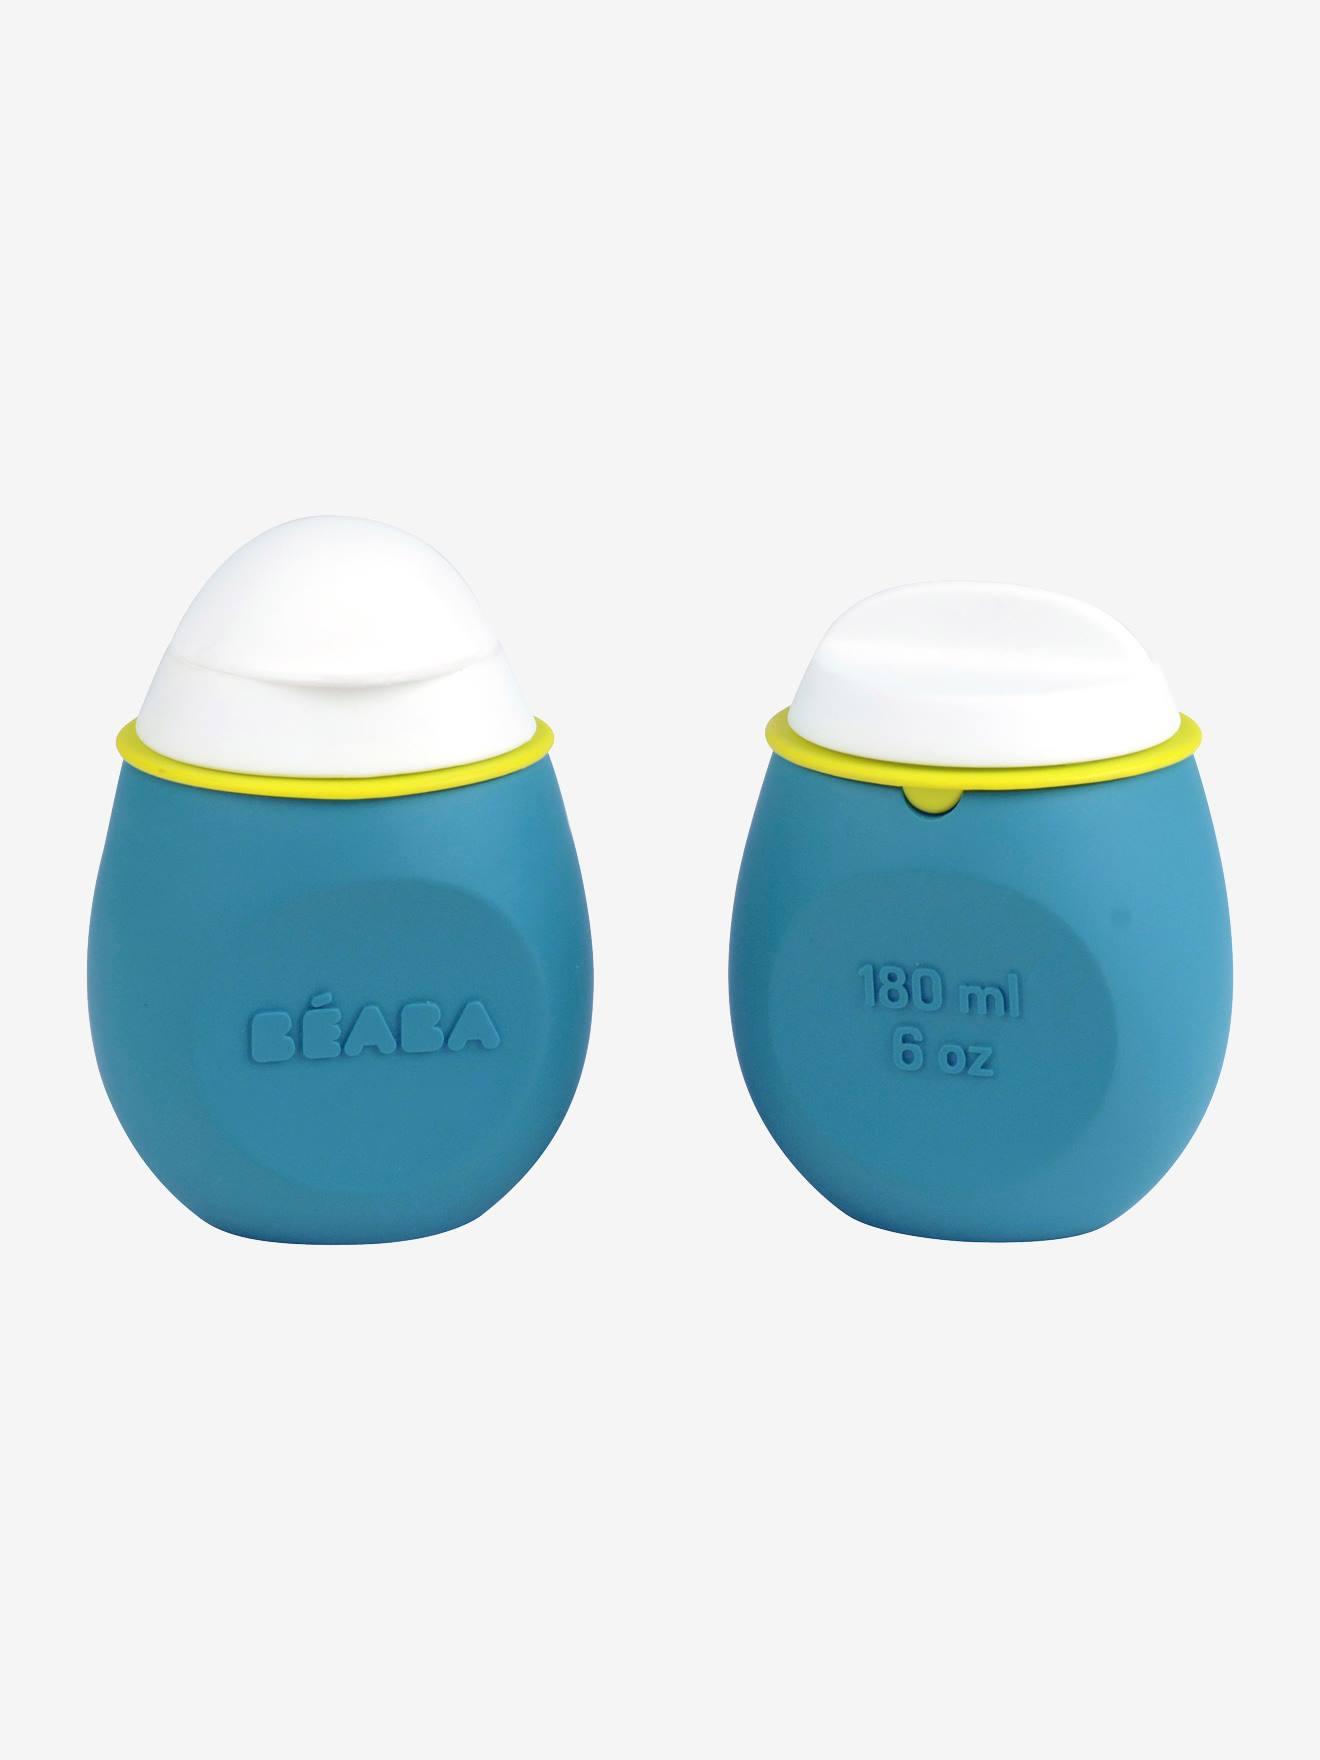 BEABA Lote de cantimploras para compotas BEABA Babysqueez' 2 en 1 + Squeez'portion azul claro a rayas